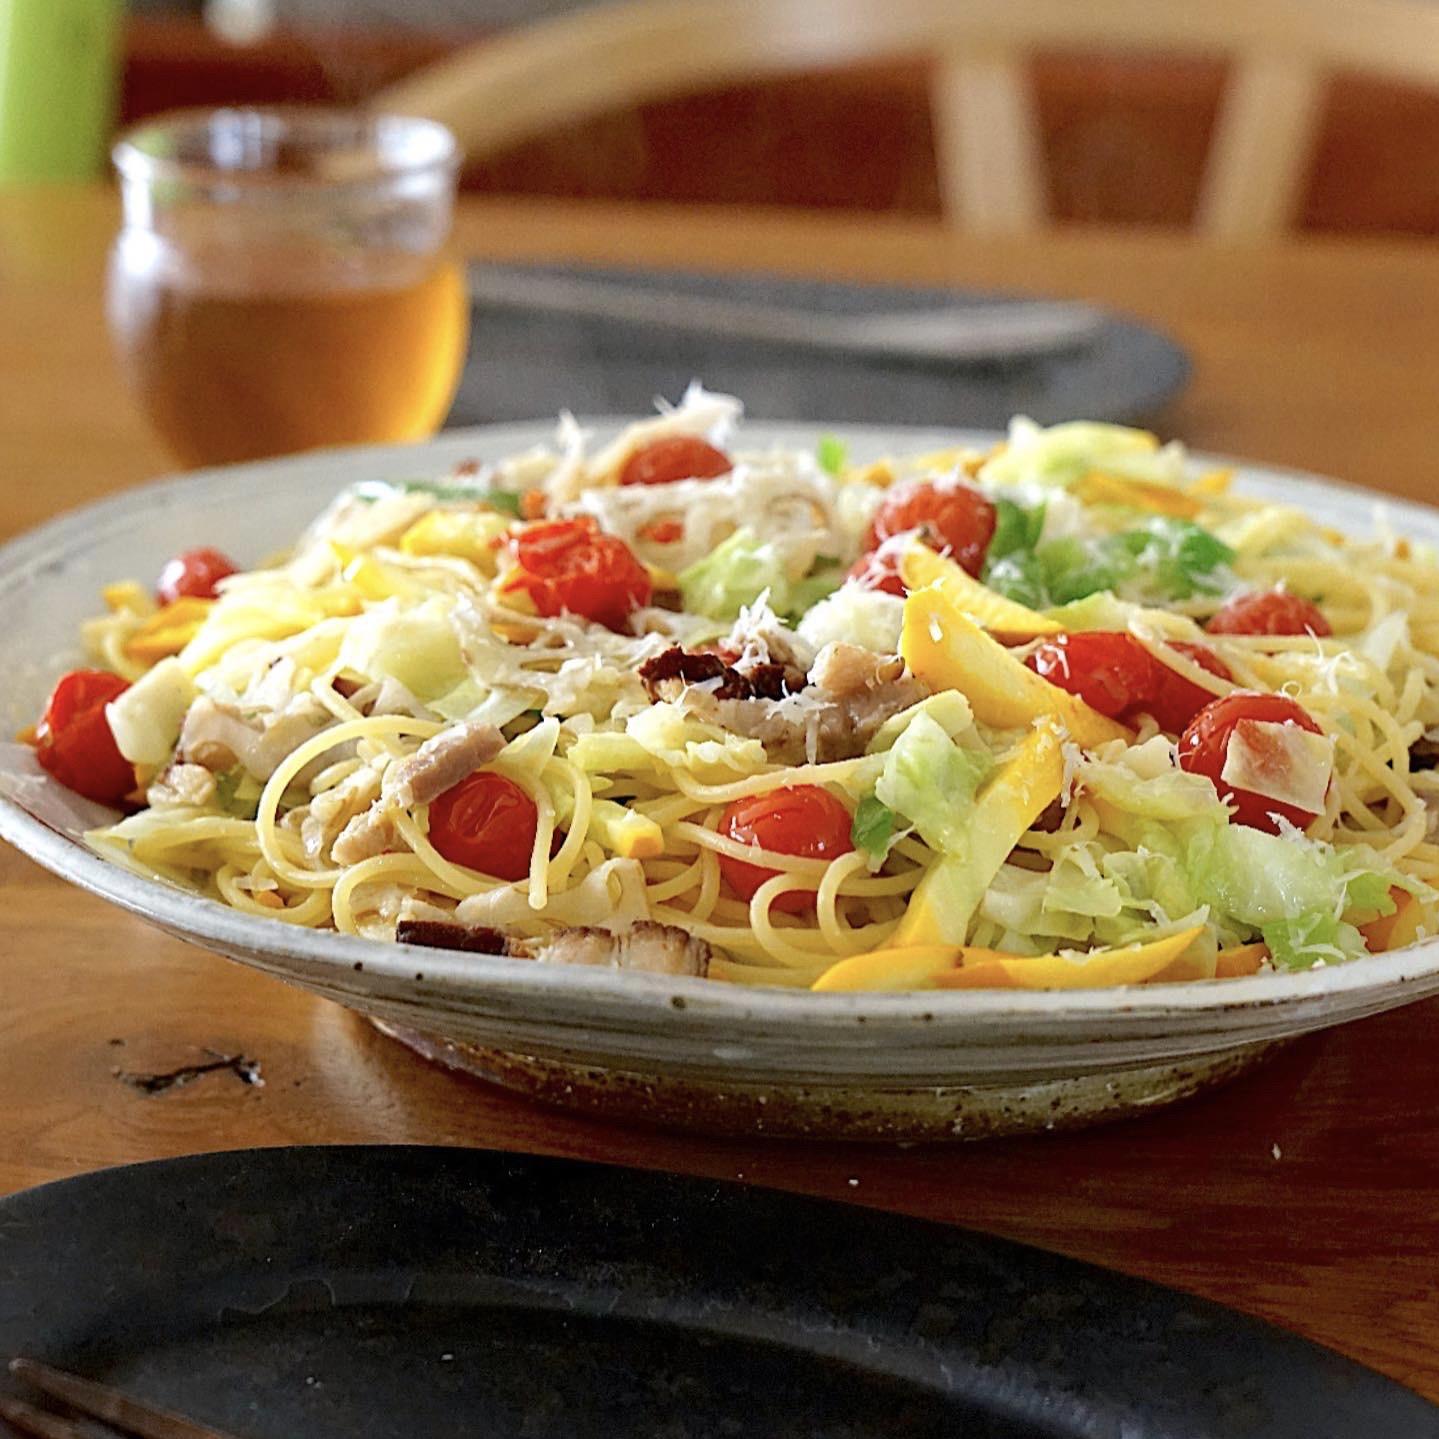 わが家の休日お昼ごはんの定番!野菜たっぷりパスタのつくり方